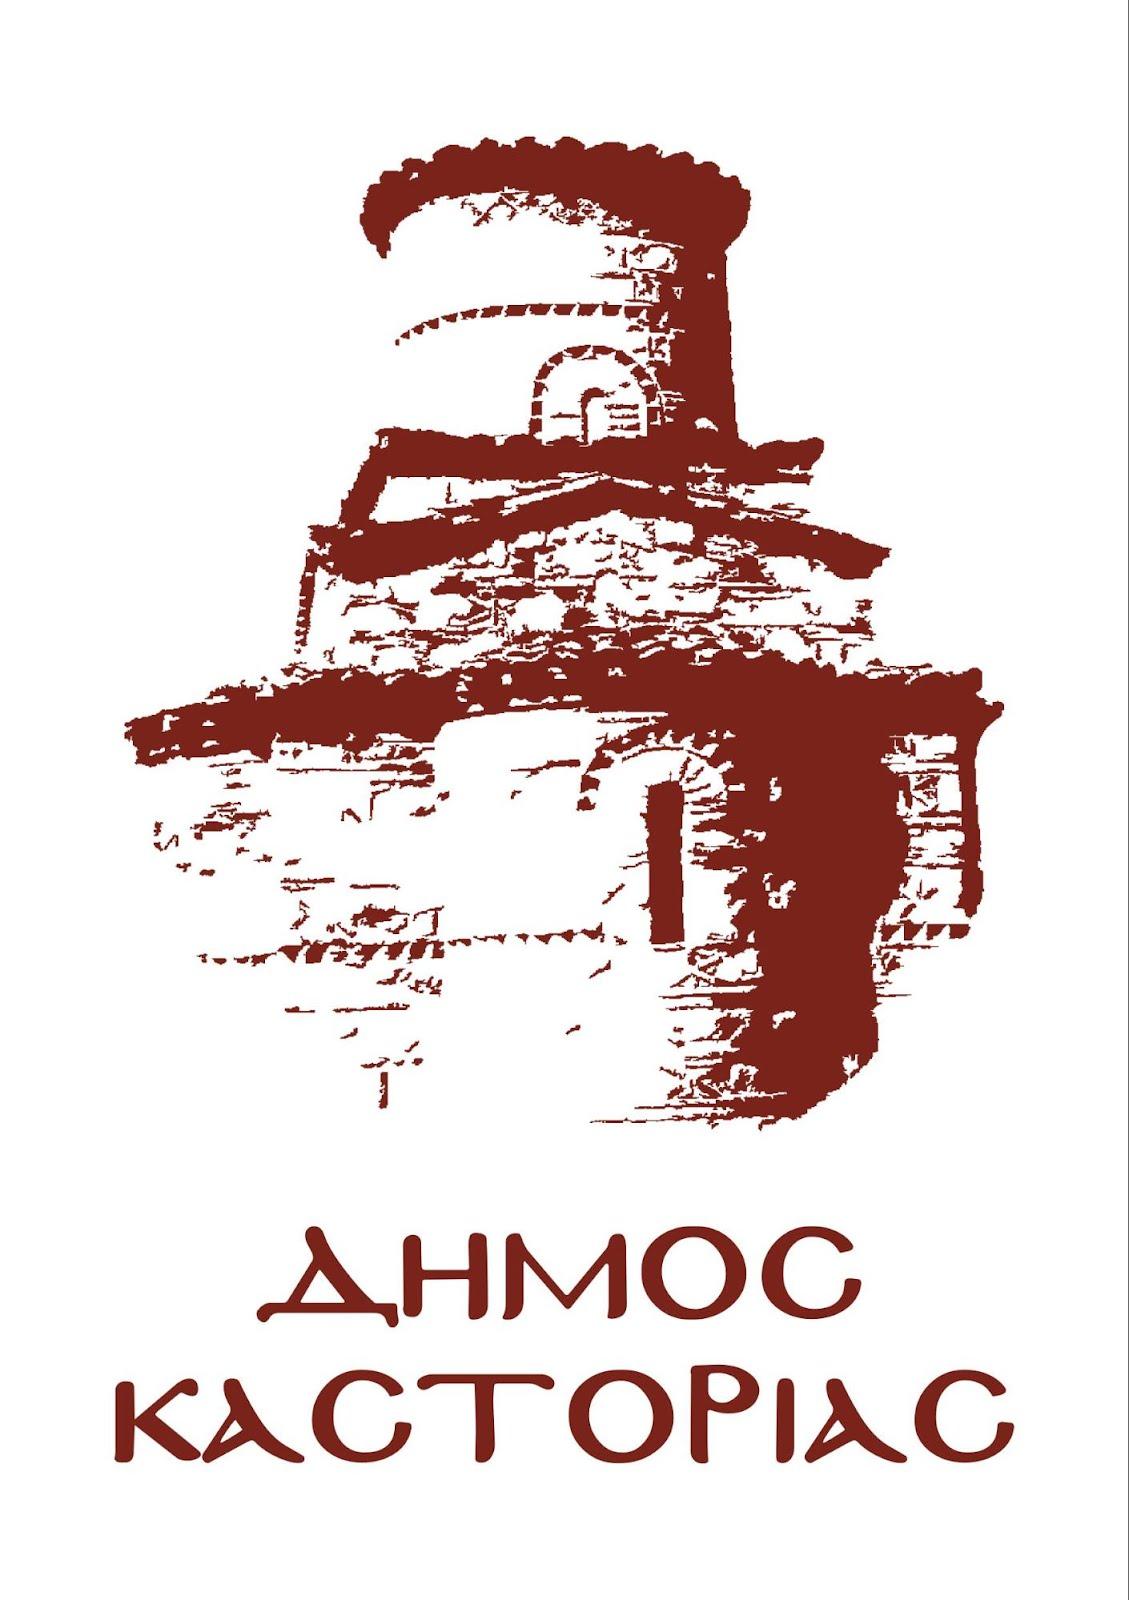 8 Απριλίου 1929: Ενενήντα χρόνια Δήμος Καστοριάς